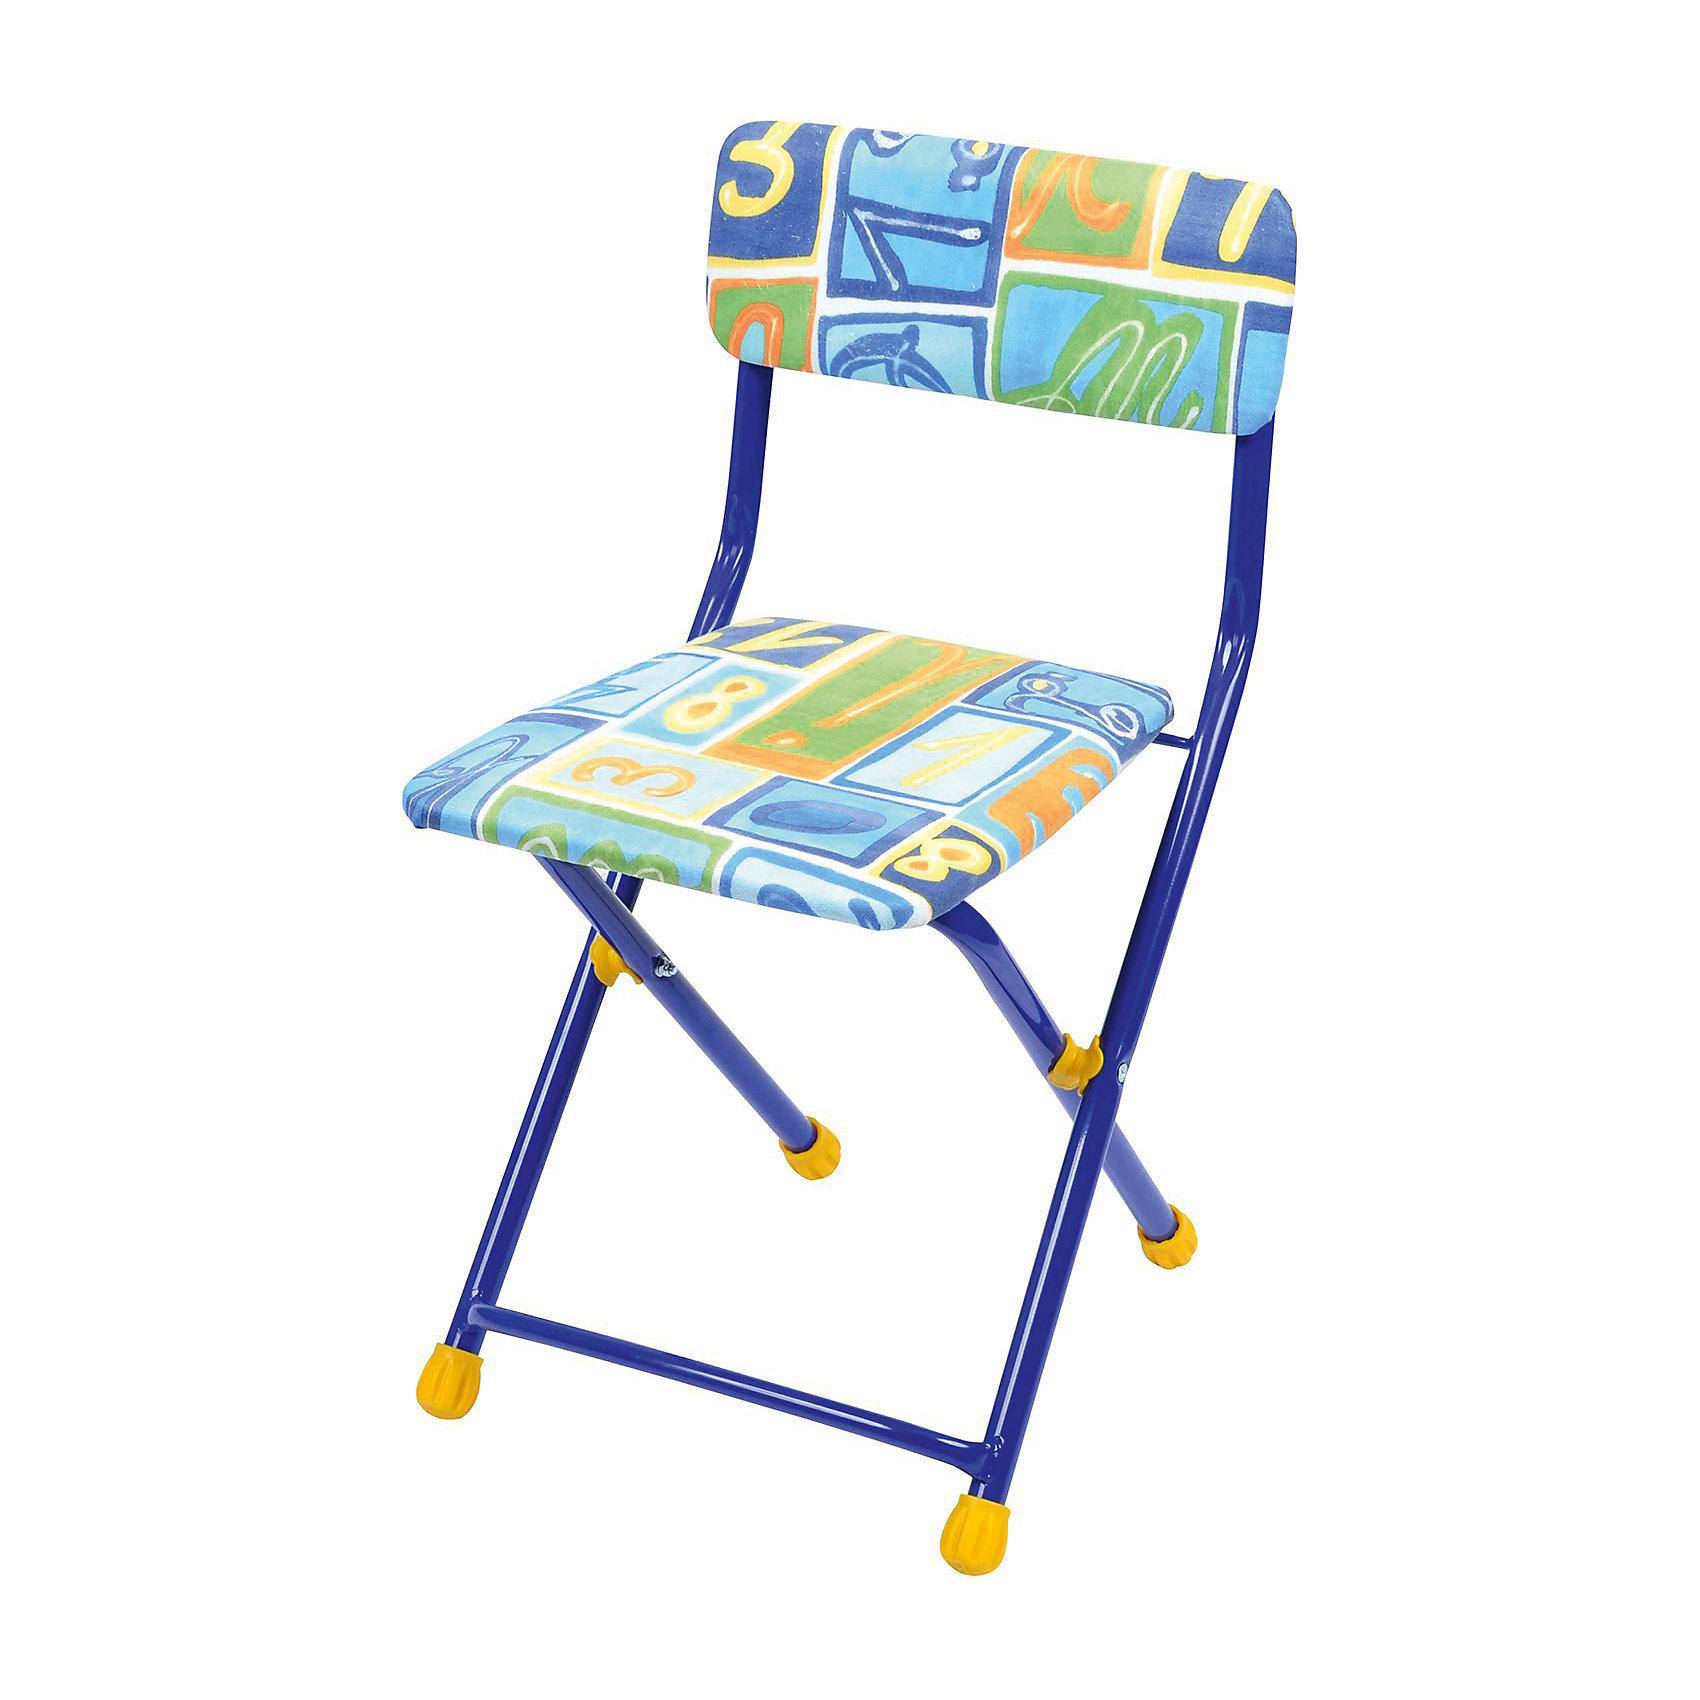 Складной стул с мягким сиденьем КУ1 Алфавит, Ника, синийХарактеристики товара:<br><br>• материал: металл, пластик, текстиль<br>• сиденье: 310х270 мм<br>• высота до сиденья: 320 мм<br>• высота со спинкой 570 мм<br>• на ножках пластмассовые наконечники<br>• складной<br>• на сиденье мягкая обивка из флока <br>• возраст: от 3 до 7 лет<br>• страна бренда: Российская Федерация<br>• страна производства: Российская Федерация<br><br>Детская мебель может быть удобной и эргономичной! Этот стул разработан специально для детей от трех до семи лет. Он легко складывается и раскладывается, занимает немного места. Сиденье обито мягким флоком, а на ножках стула установлены пластмассовые наконечники для защиты напольного покрытия. Отличное решение для игр, творчества и обучения!<br>Правильно подобранная мебель помогает ребенку расти здоровым, формироваться правильной осанке. Изделие производится из качественных сертифицированных материалов, безопасных даже для самых маленьких.<br><br>Складной стул с мягким сиденьем КУ1 Алфавит от бренда Ника можно купить в нашем интернет-магазине.<br><br>Ширина мм: 700<br>Глубина мм: 160<br>Высота мм: 330<br>Вес г: 2520<br>Возраст от месяцев: 36<br>Возраст до месяцев: 84<br>Пол: Унисекс<br>Возраст: Детский<br>SKU: 5223589